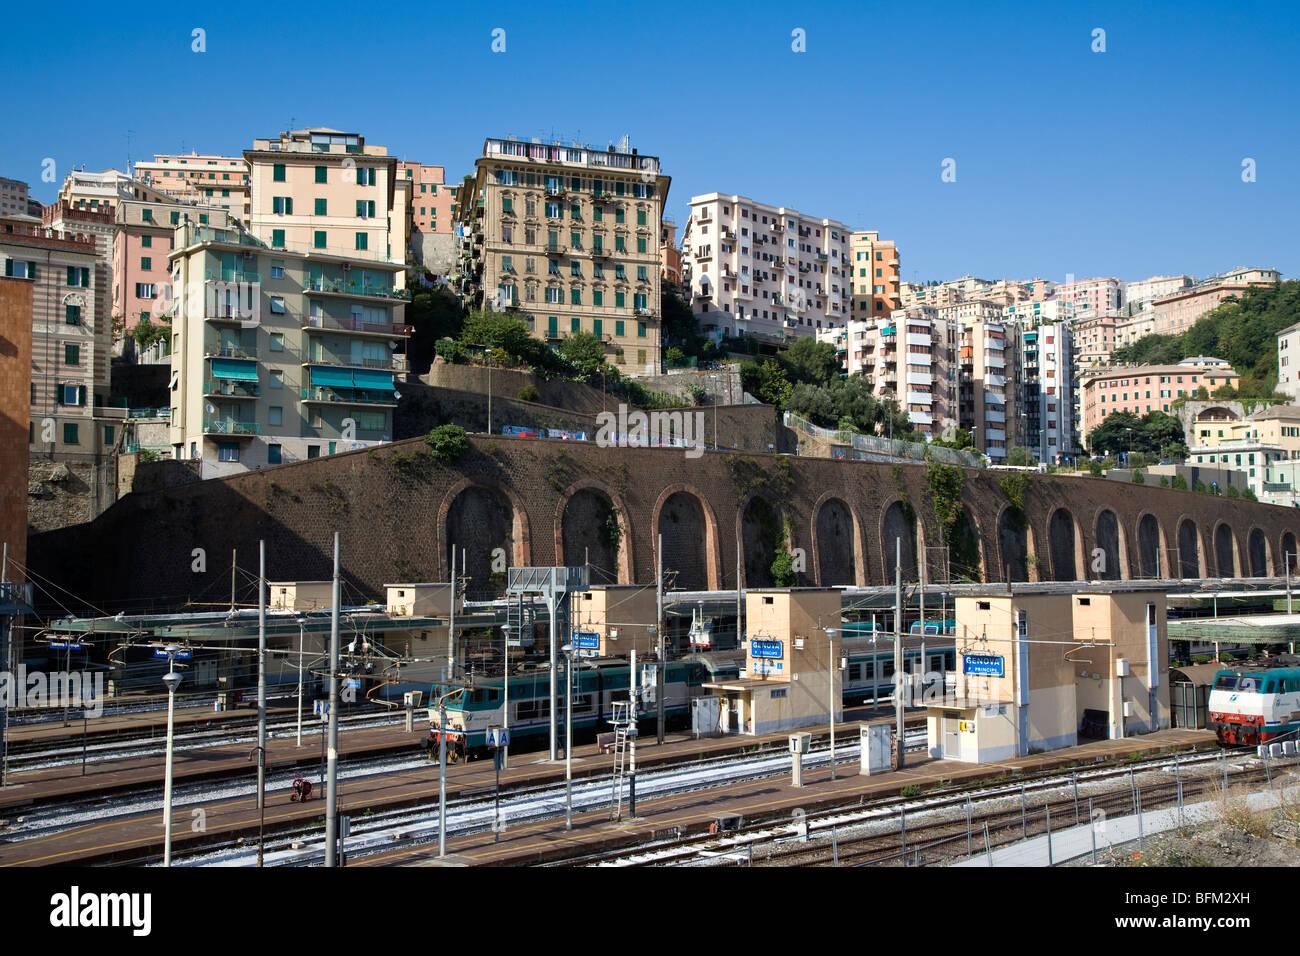 Stazione ferroviaria di porta principe genova italia - Genova porta principe ...